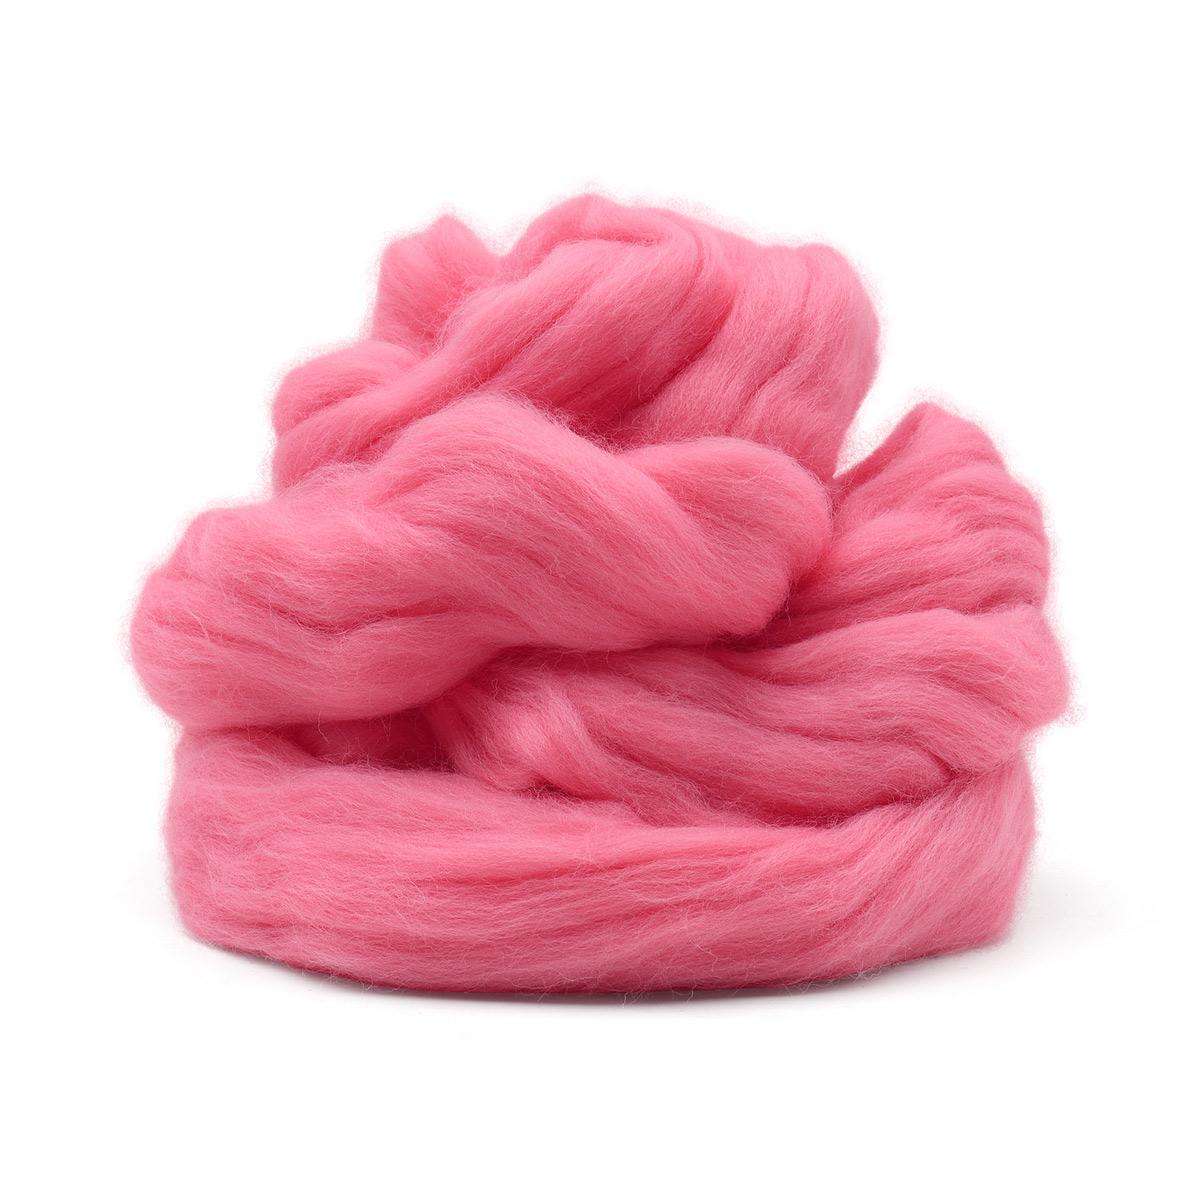 Шерсть для валяния мериносовая тонкая 100%, 100 гр.